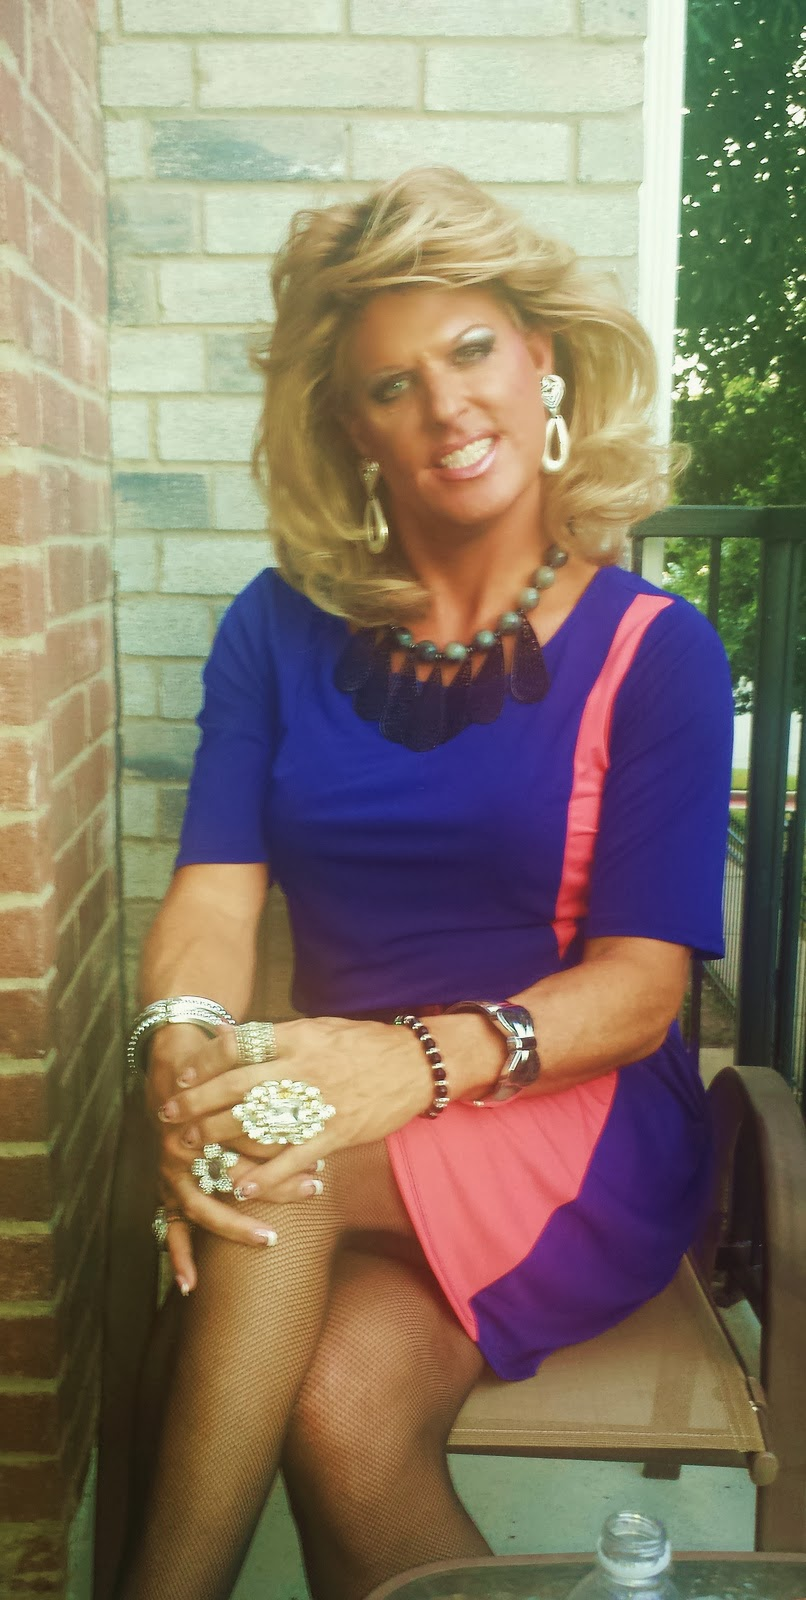 Tgirls On Flickr Daphne Smiling-6436